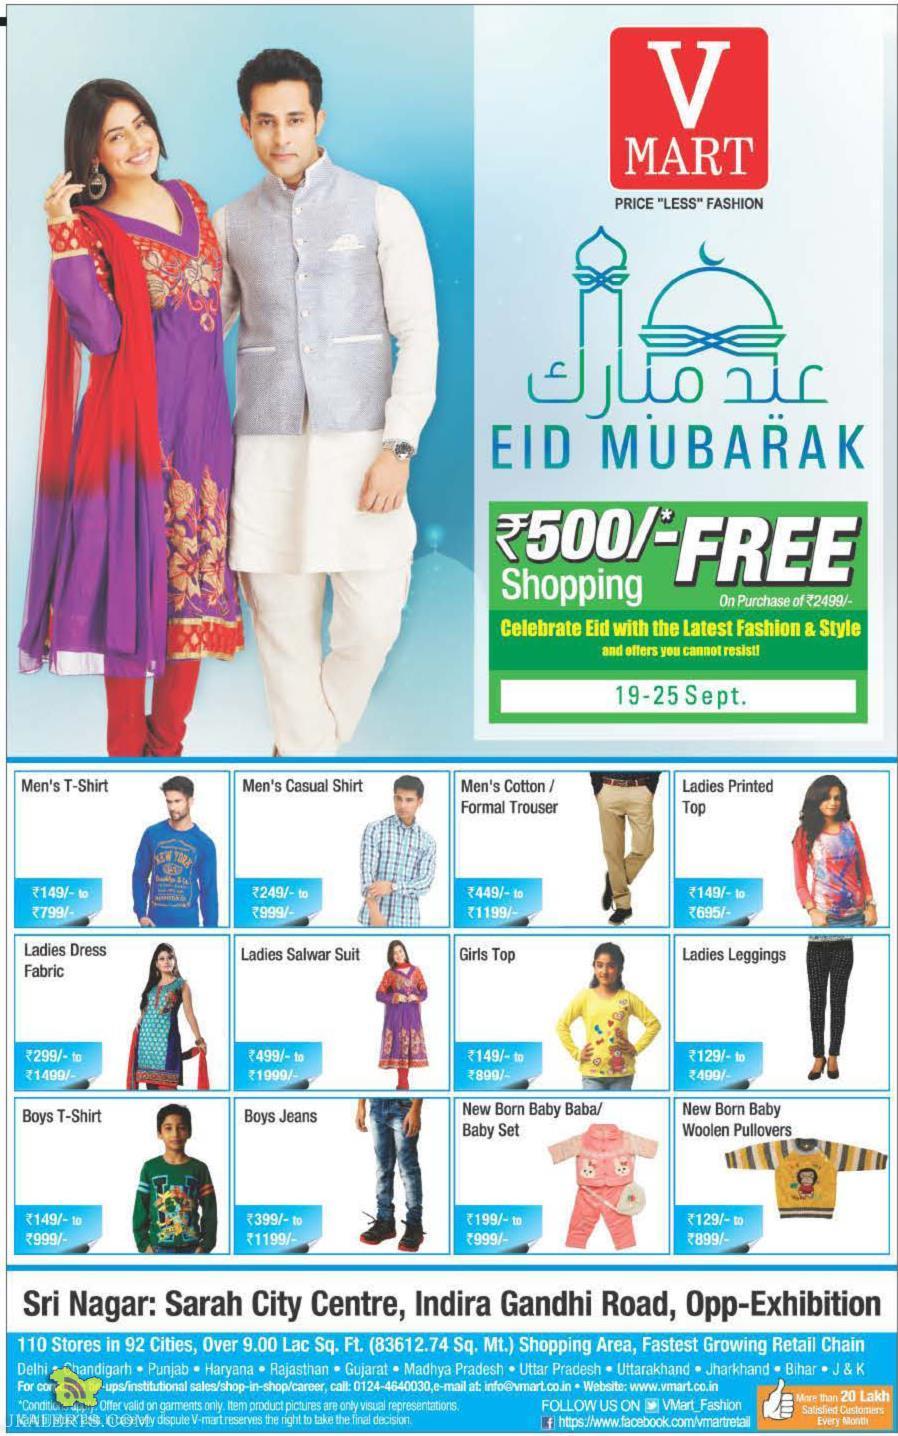 V - Mart Special offer on Eid